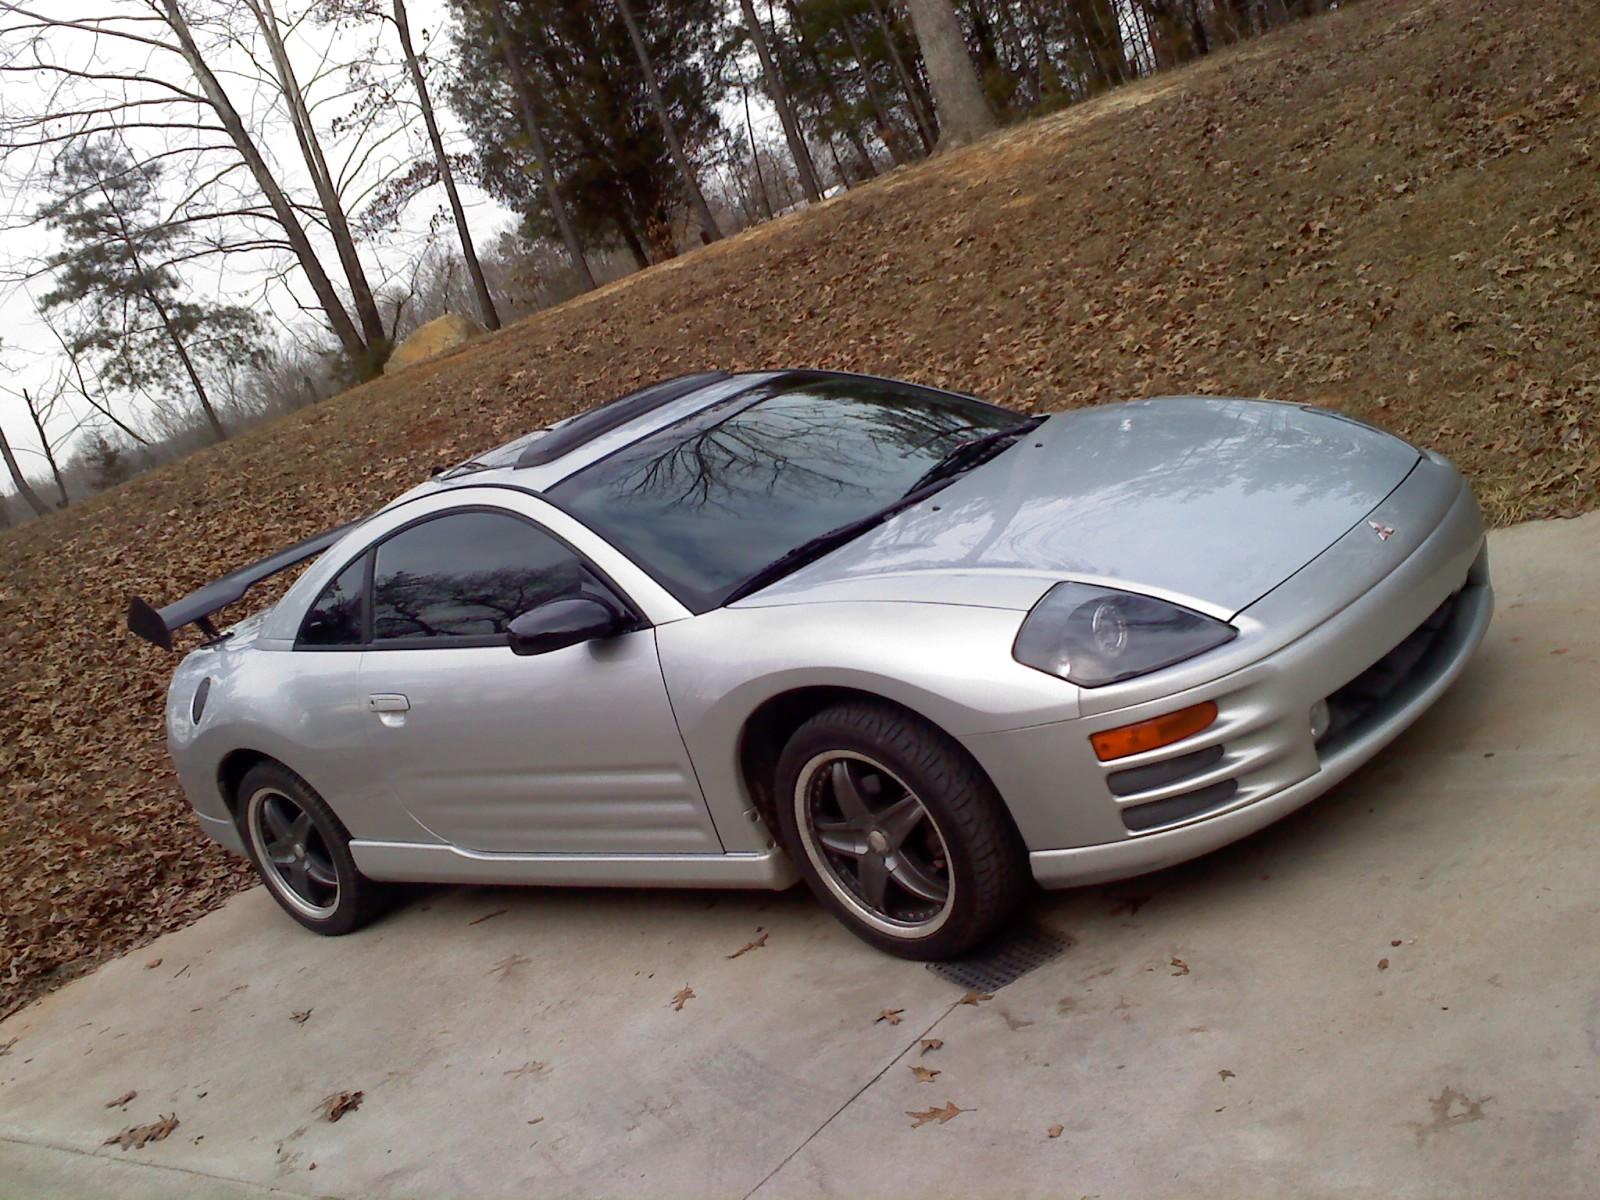 2001 Mitsubishi Eclipse #11 Mitsubishi Eclipse #11